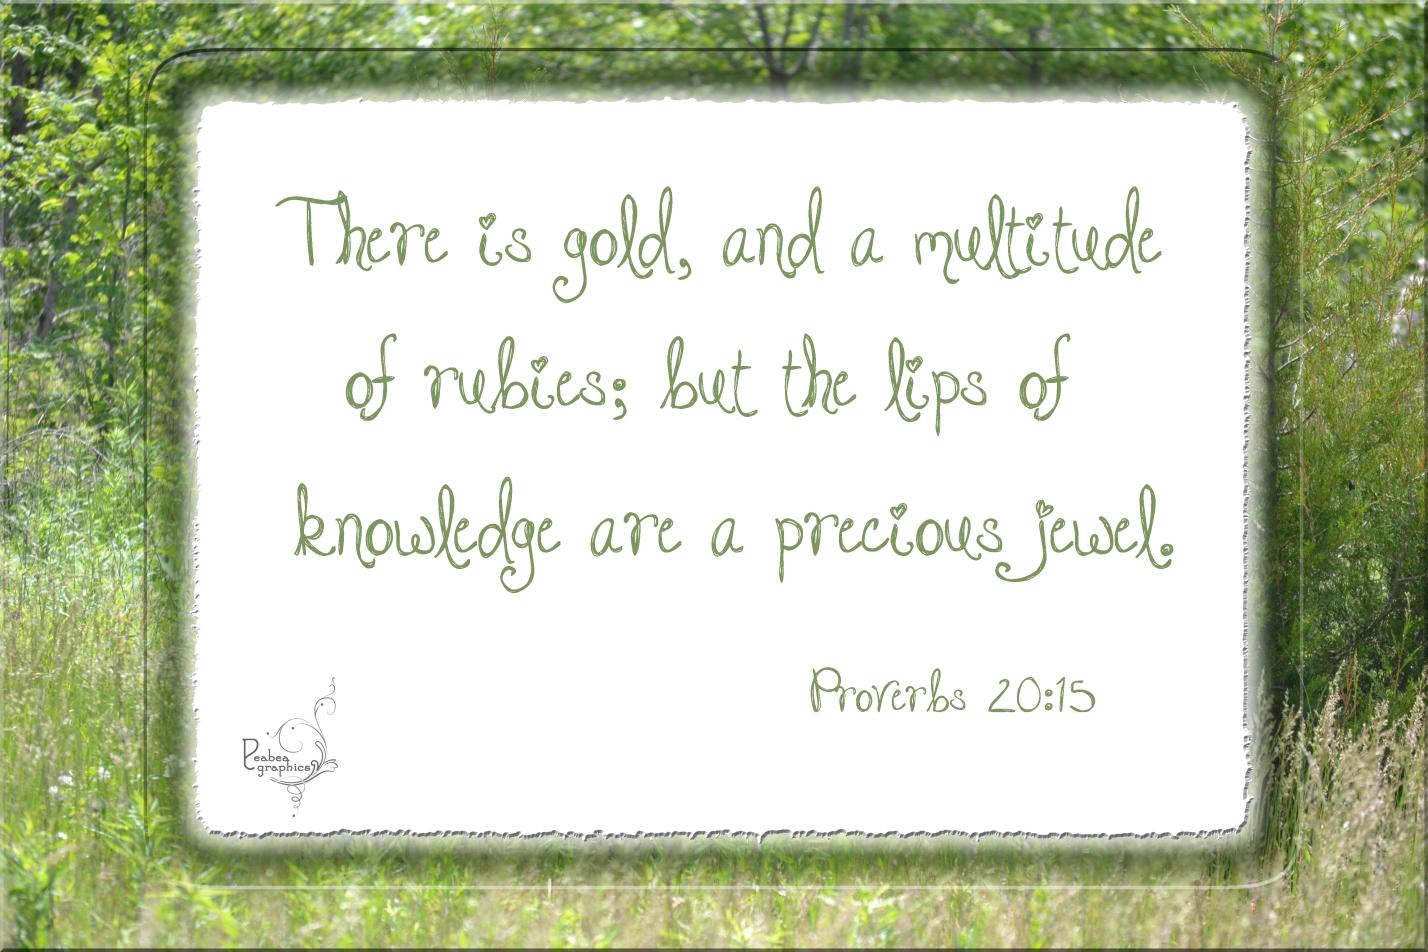 Proverbs 20 15